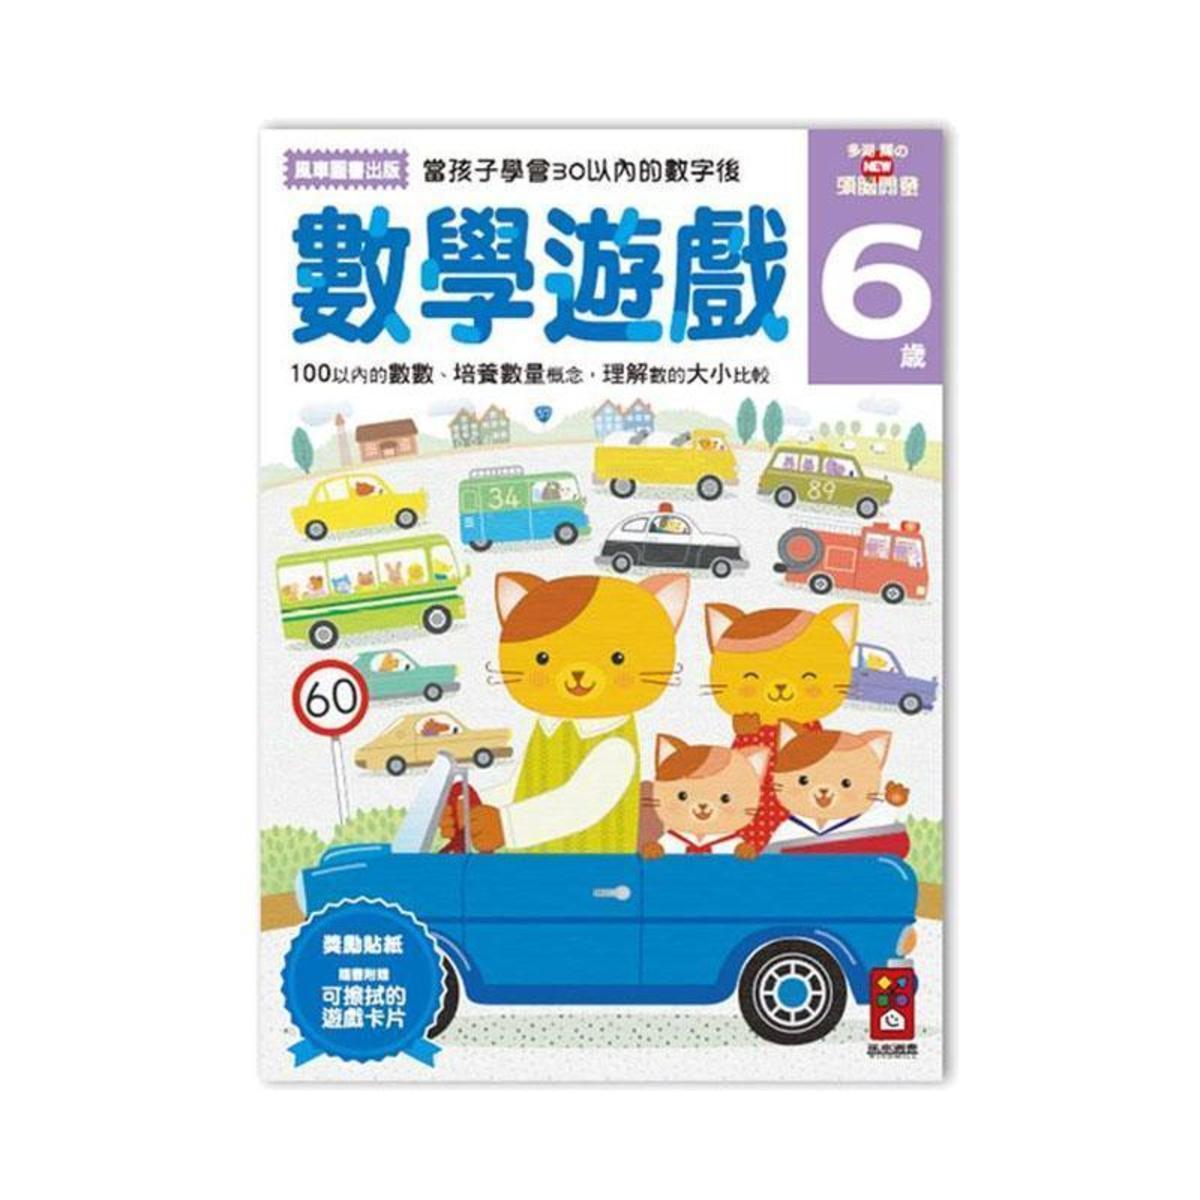 數學遊戲6歲-多湖輝的NEW頭腦開發 台灣進口